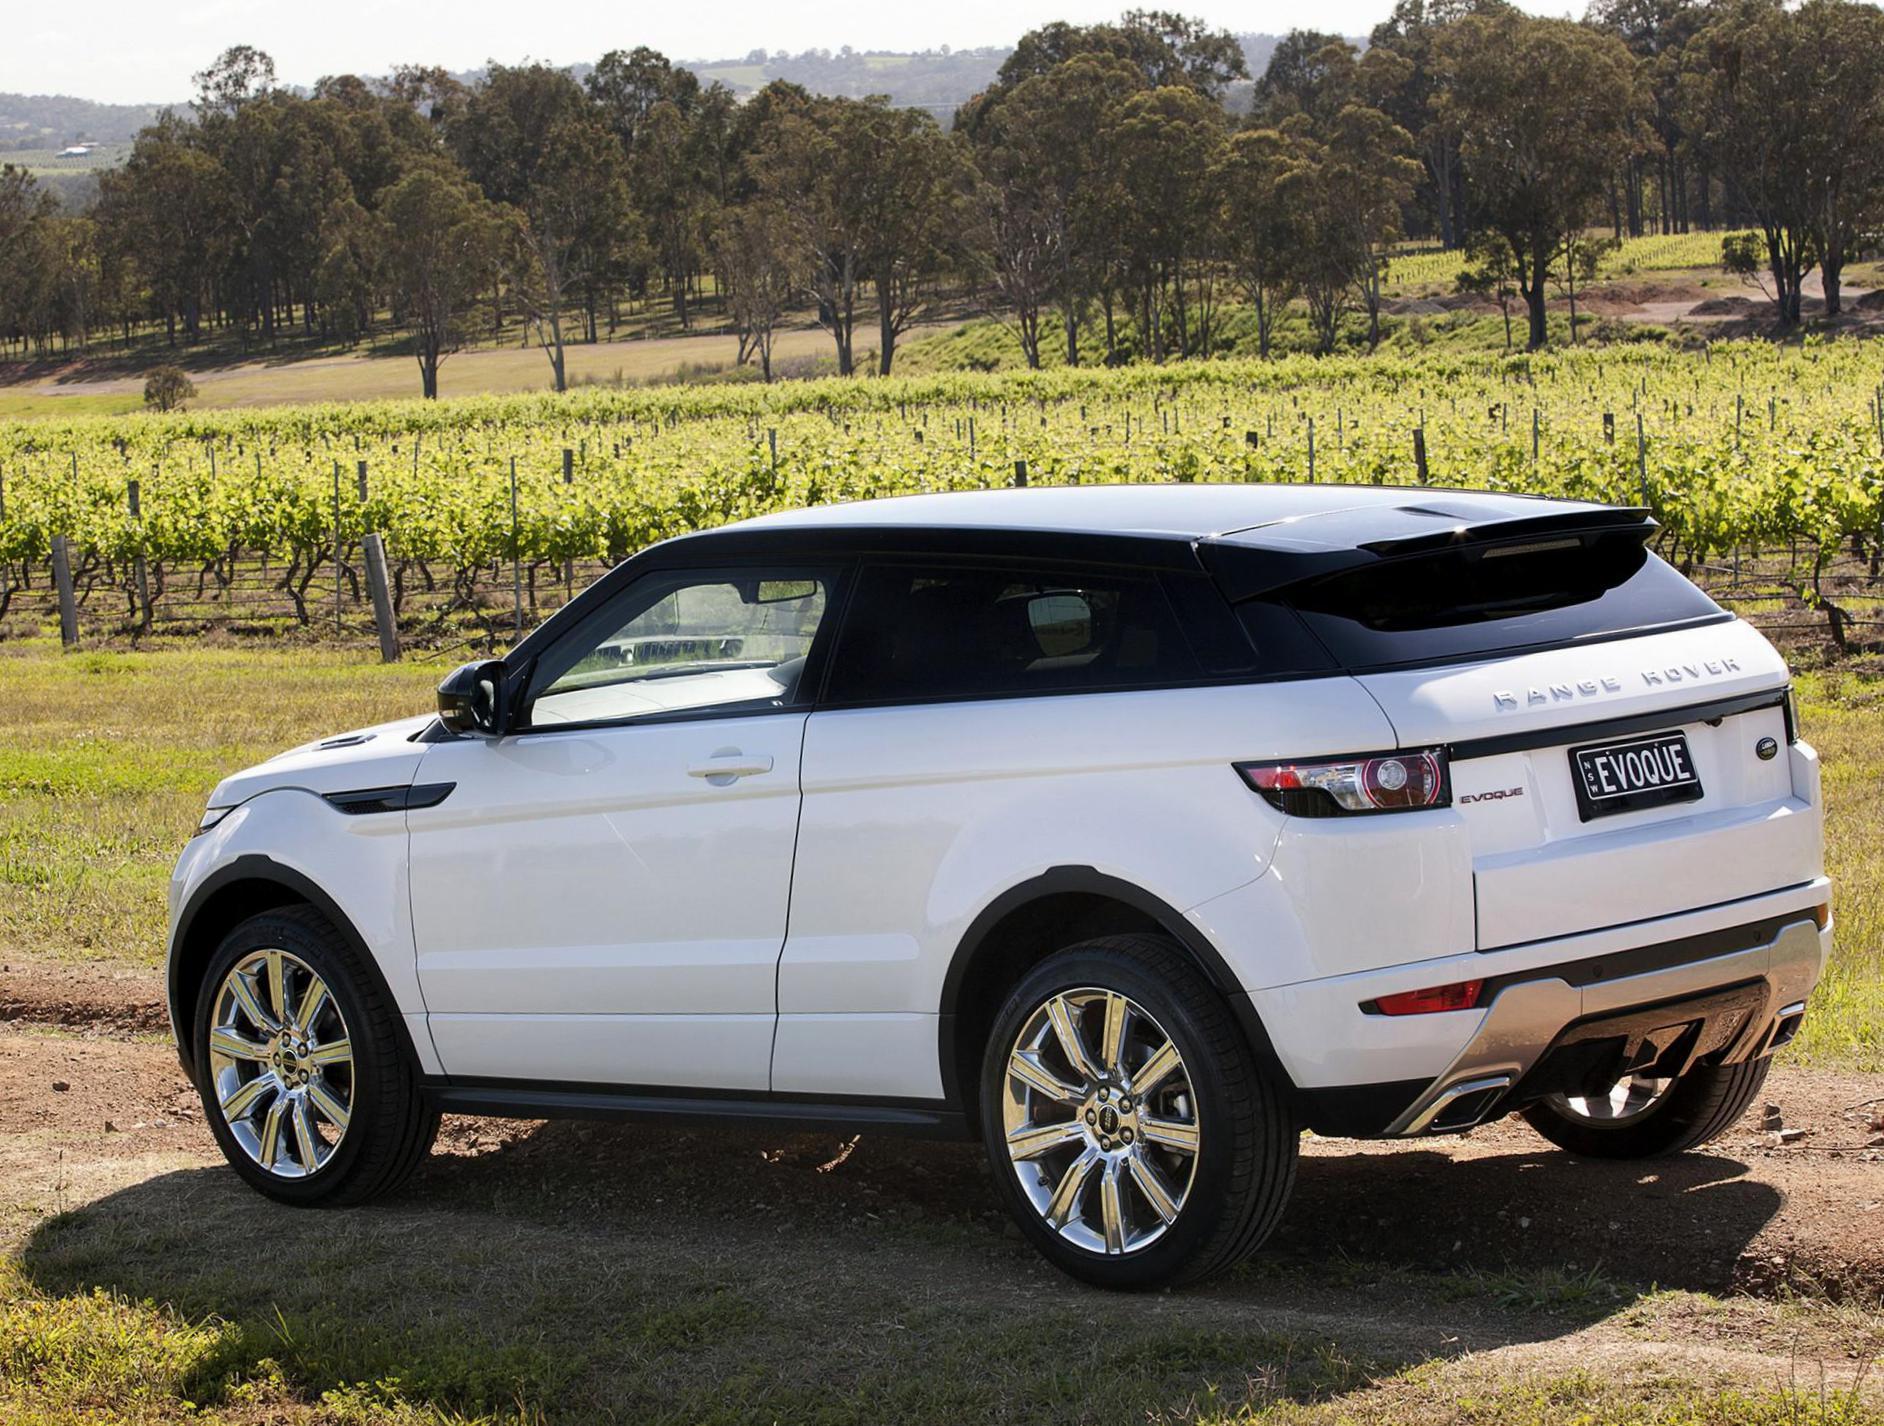 Land Rover Range Rover Evoque Coupe